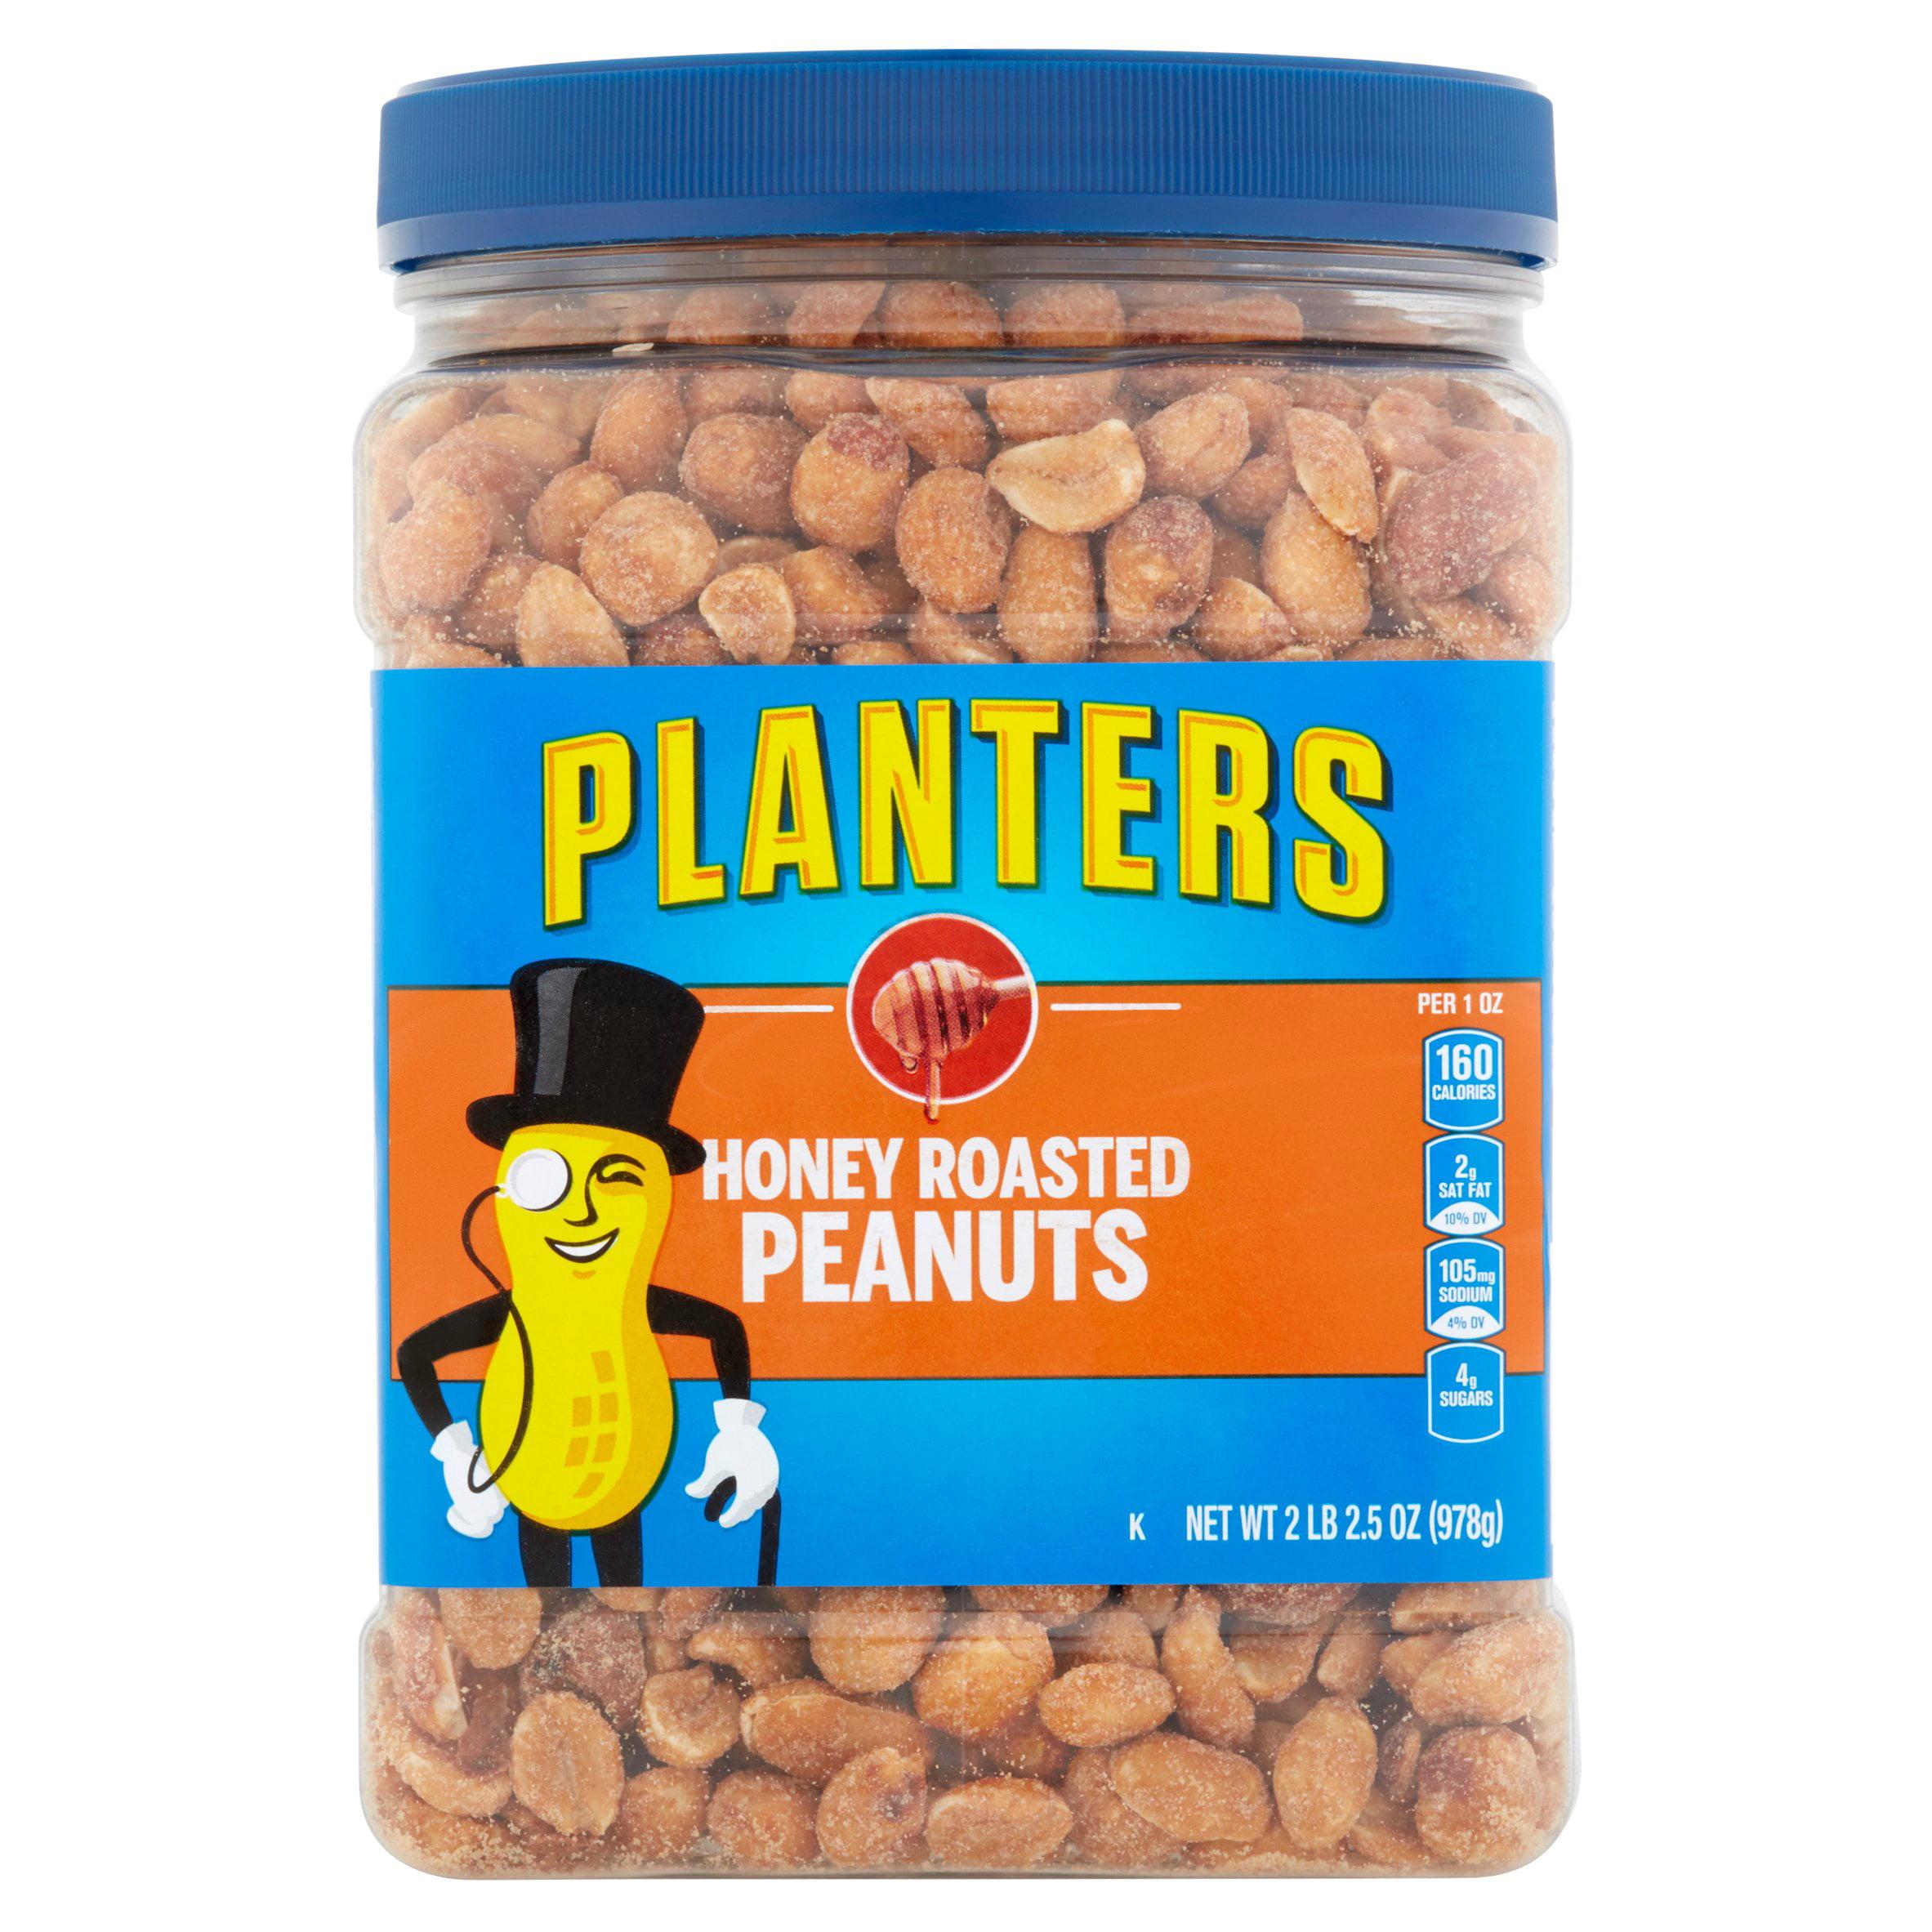 Planters Honey Roasted & Salted Peanuts Jar, 34.5 oz